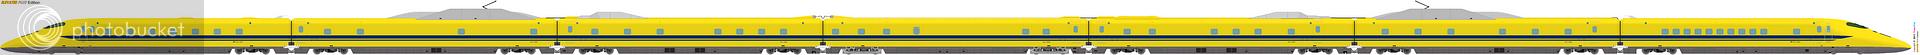 [5356] 西日本旅客鉄道 2356